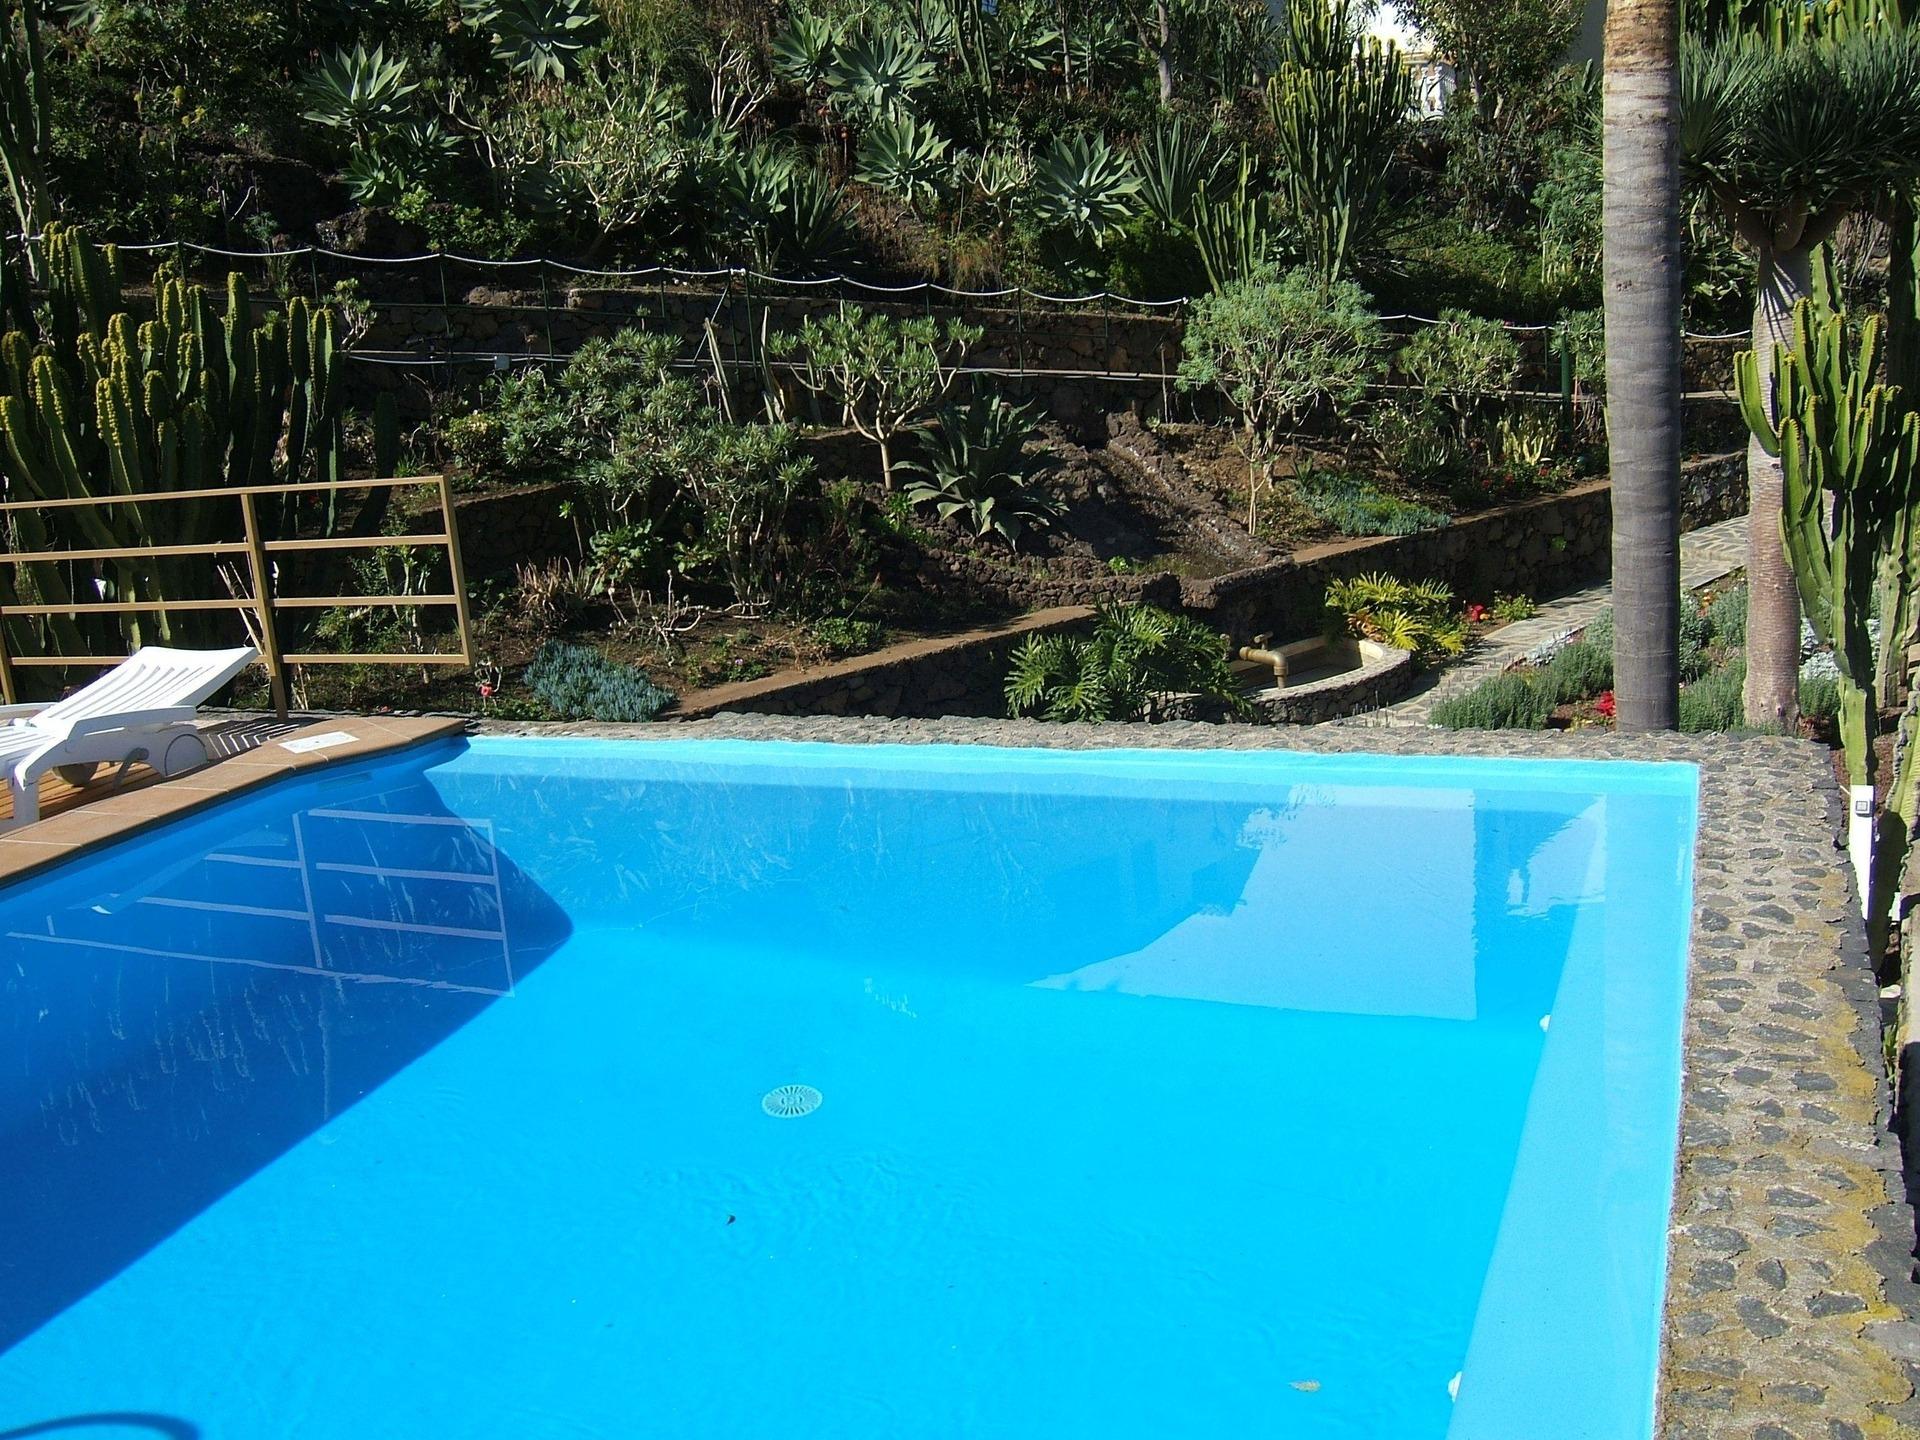 Appartement de vacances Fewo Vistamar mit Meerblick, Pool, grosser Terrasse und Garten, Grill, Parkplatz und WLAN  (2492978), Santa Ursula, Ténérife, Iles Canaries, Espagne, image 23